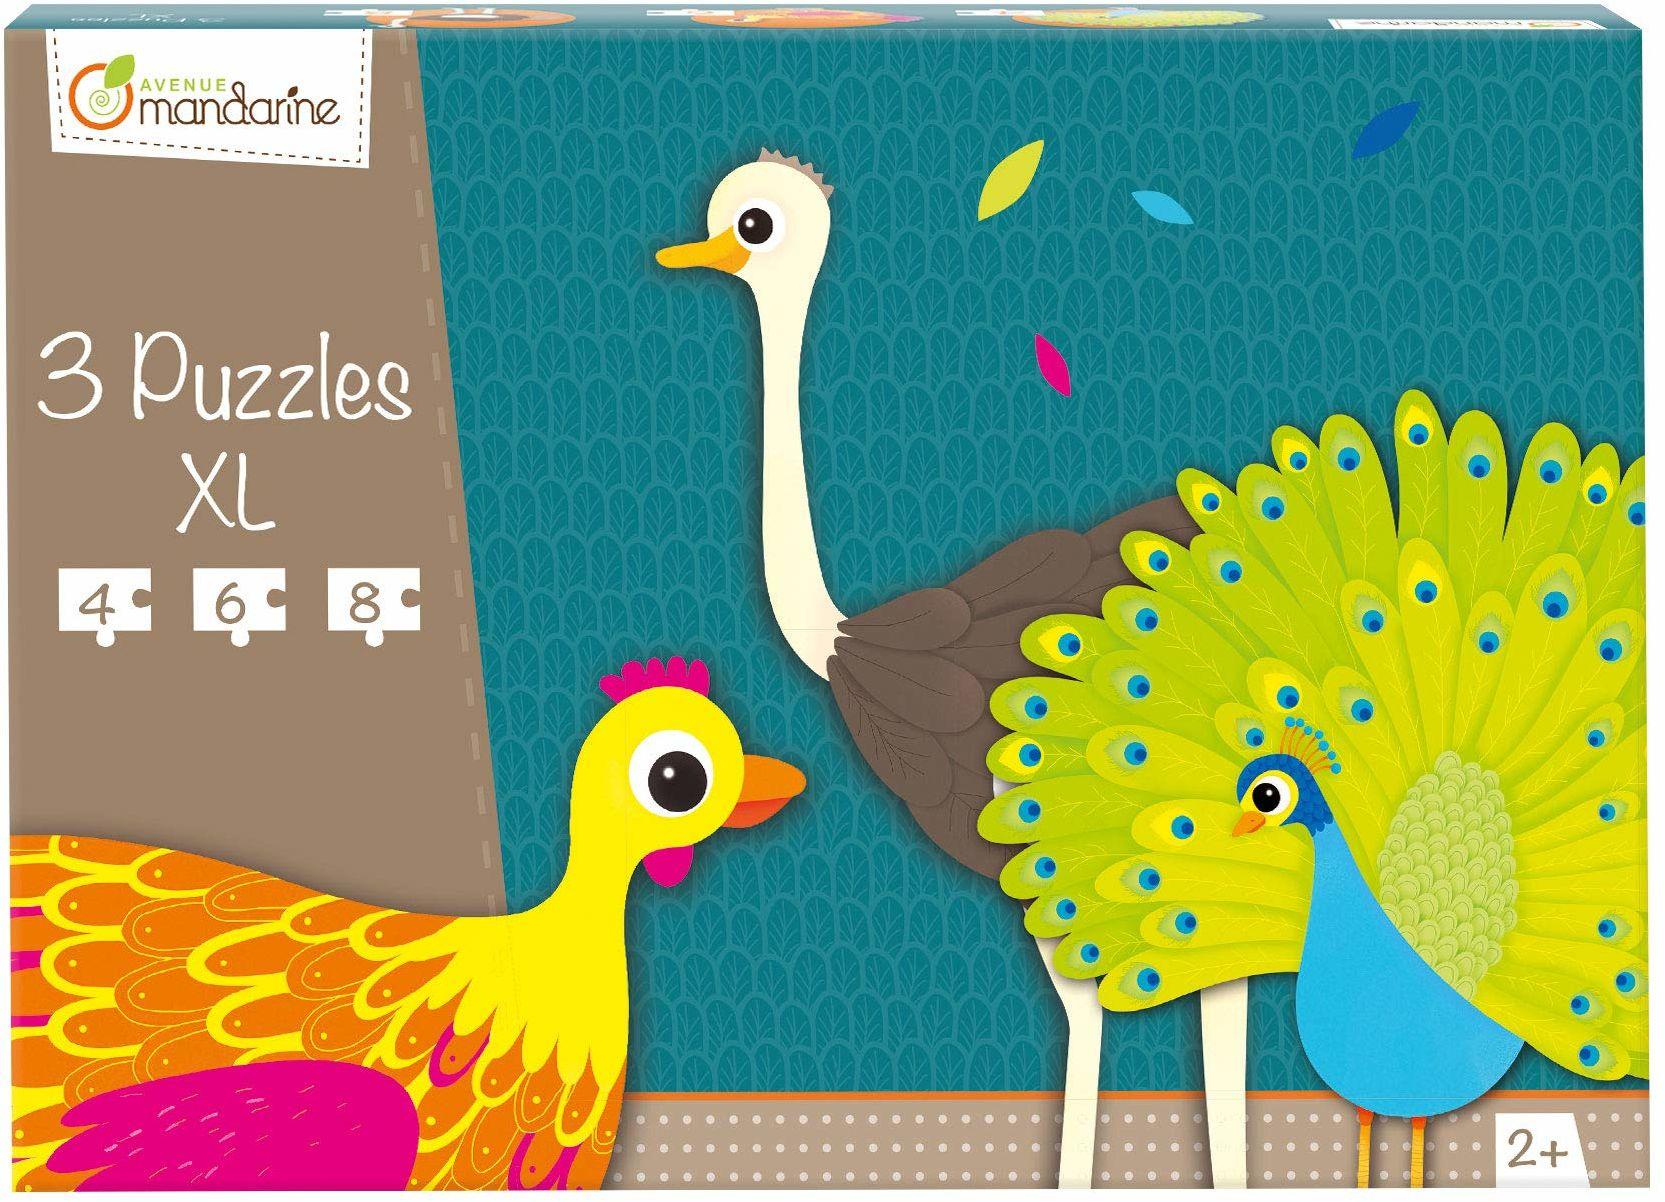 Avenue Mandarine 42701O Puzzles XL, idealne dla dzieci od 2, 3 puzzle w 1, 1 sztuka, ptaki